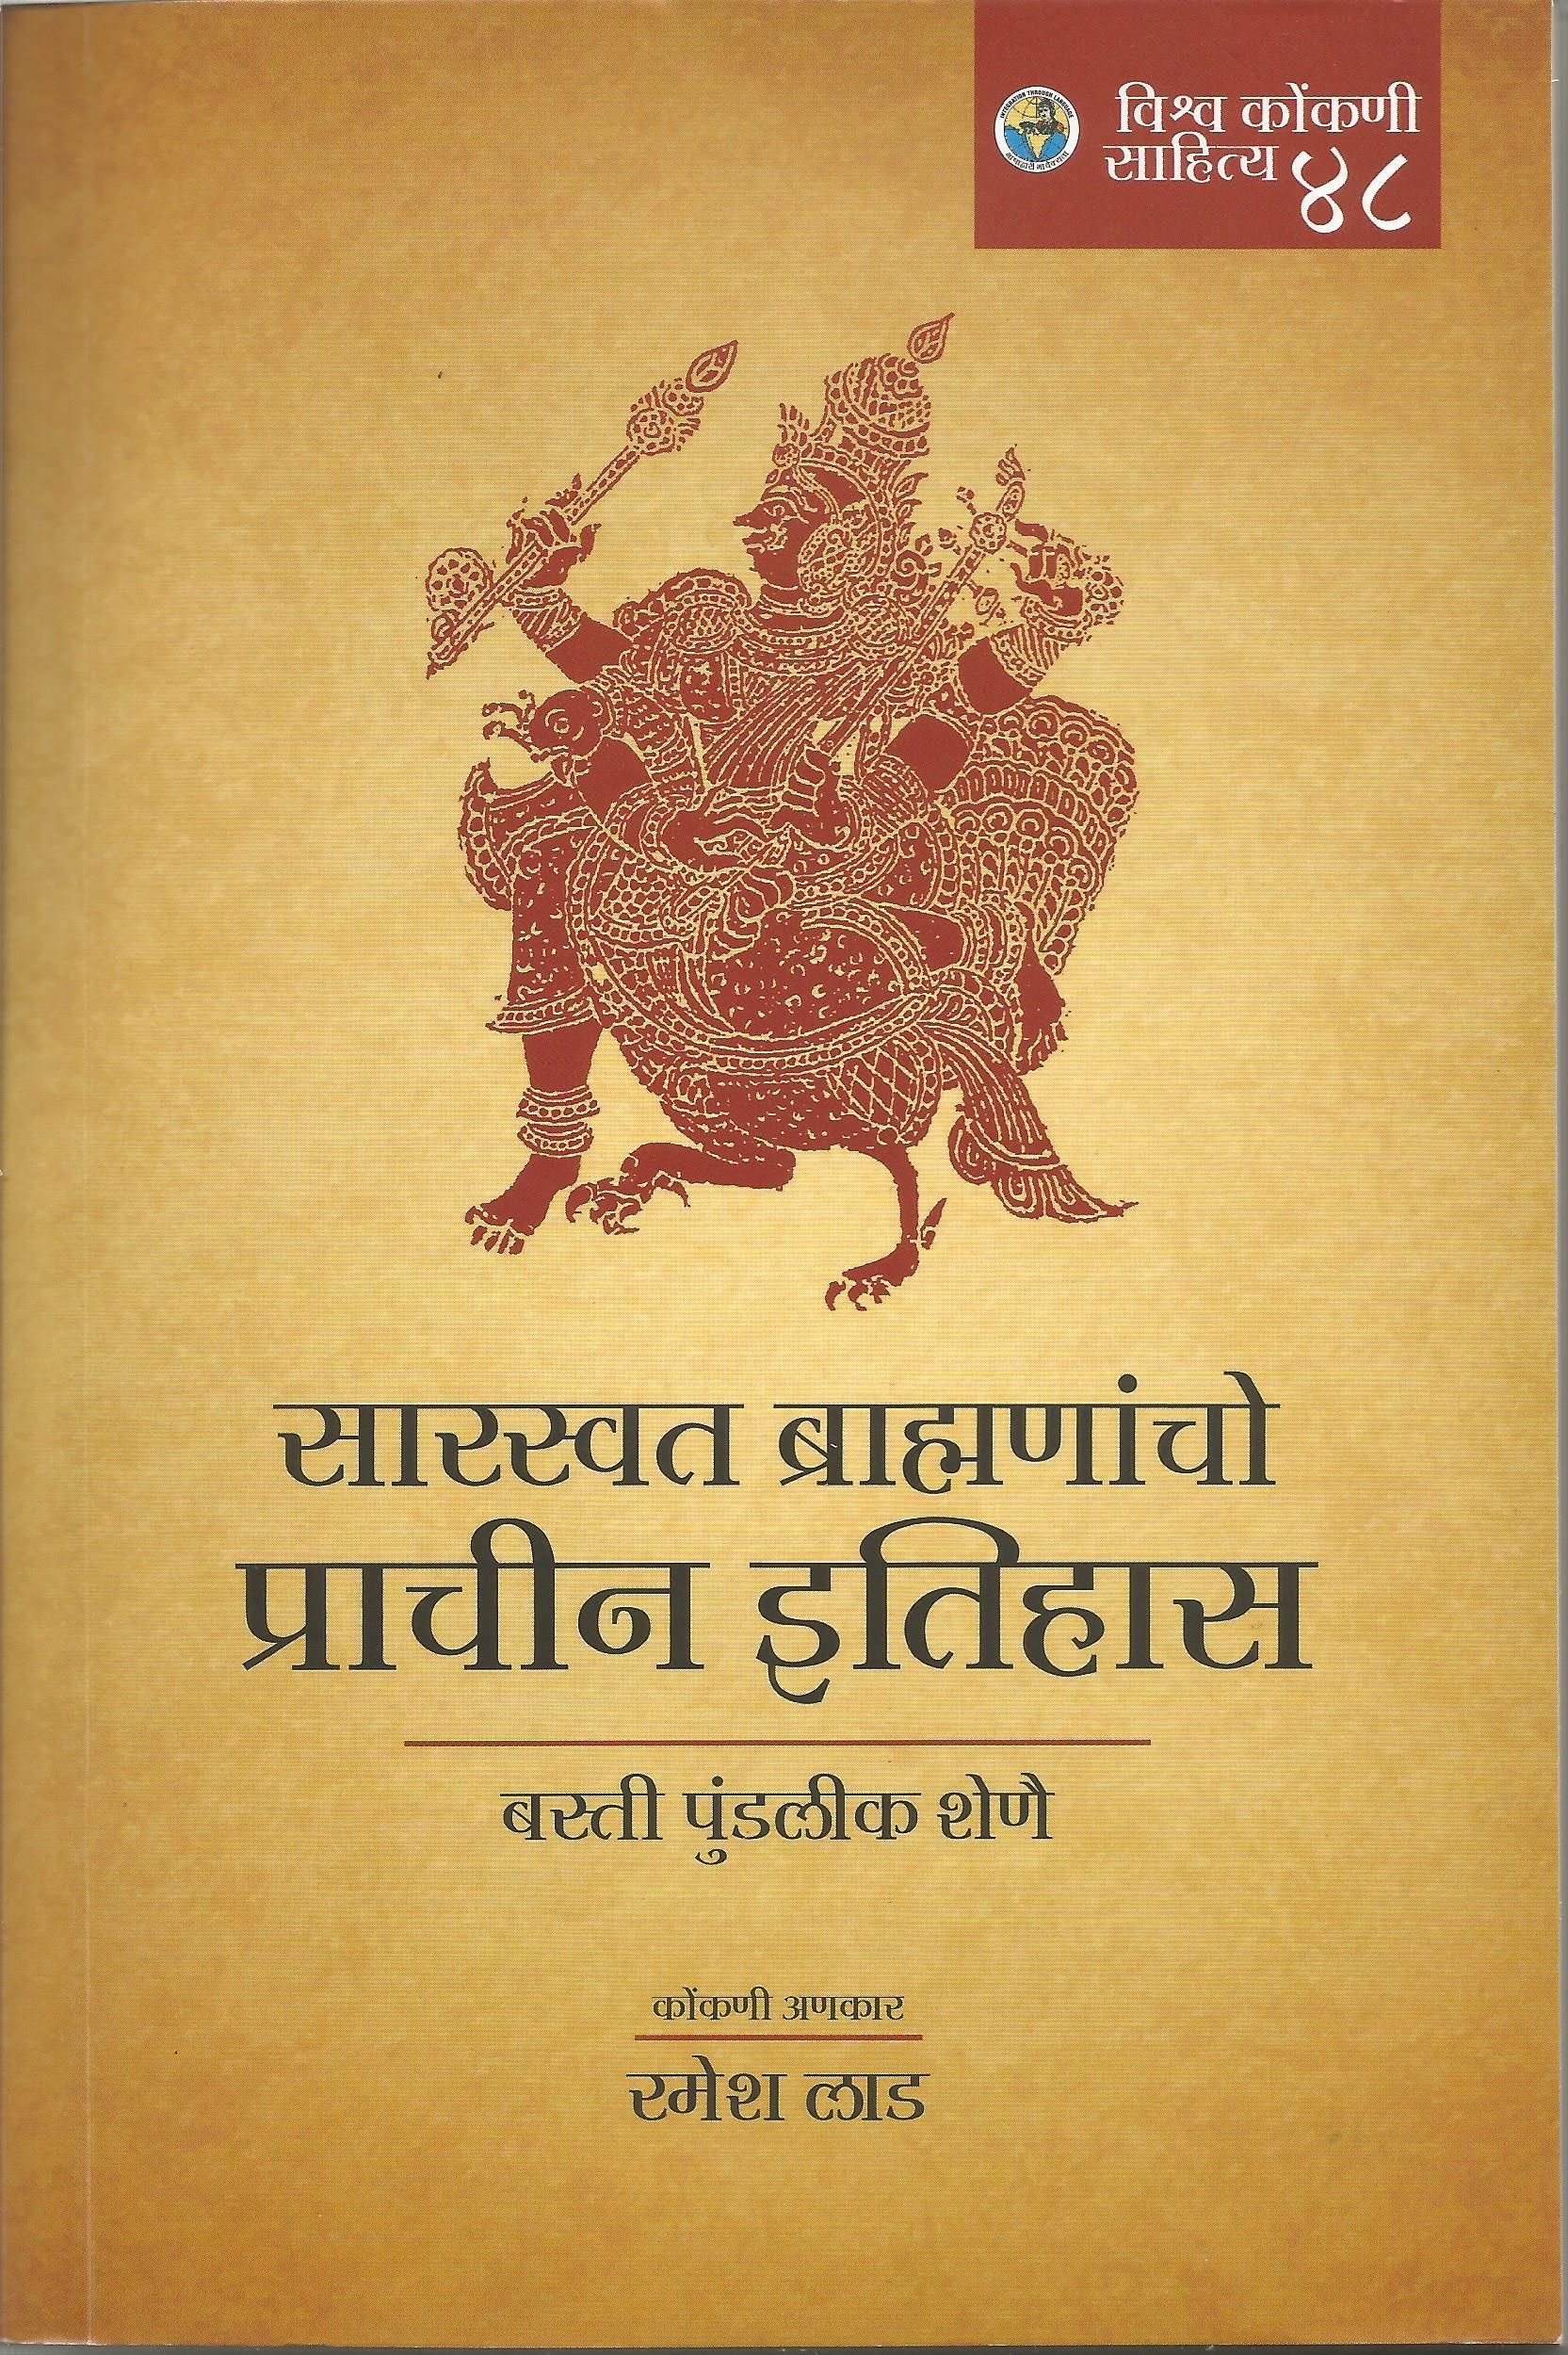 Saraswata Brahmanaancho Praacheena Itihaas